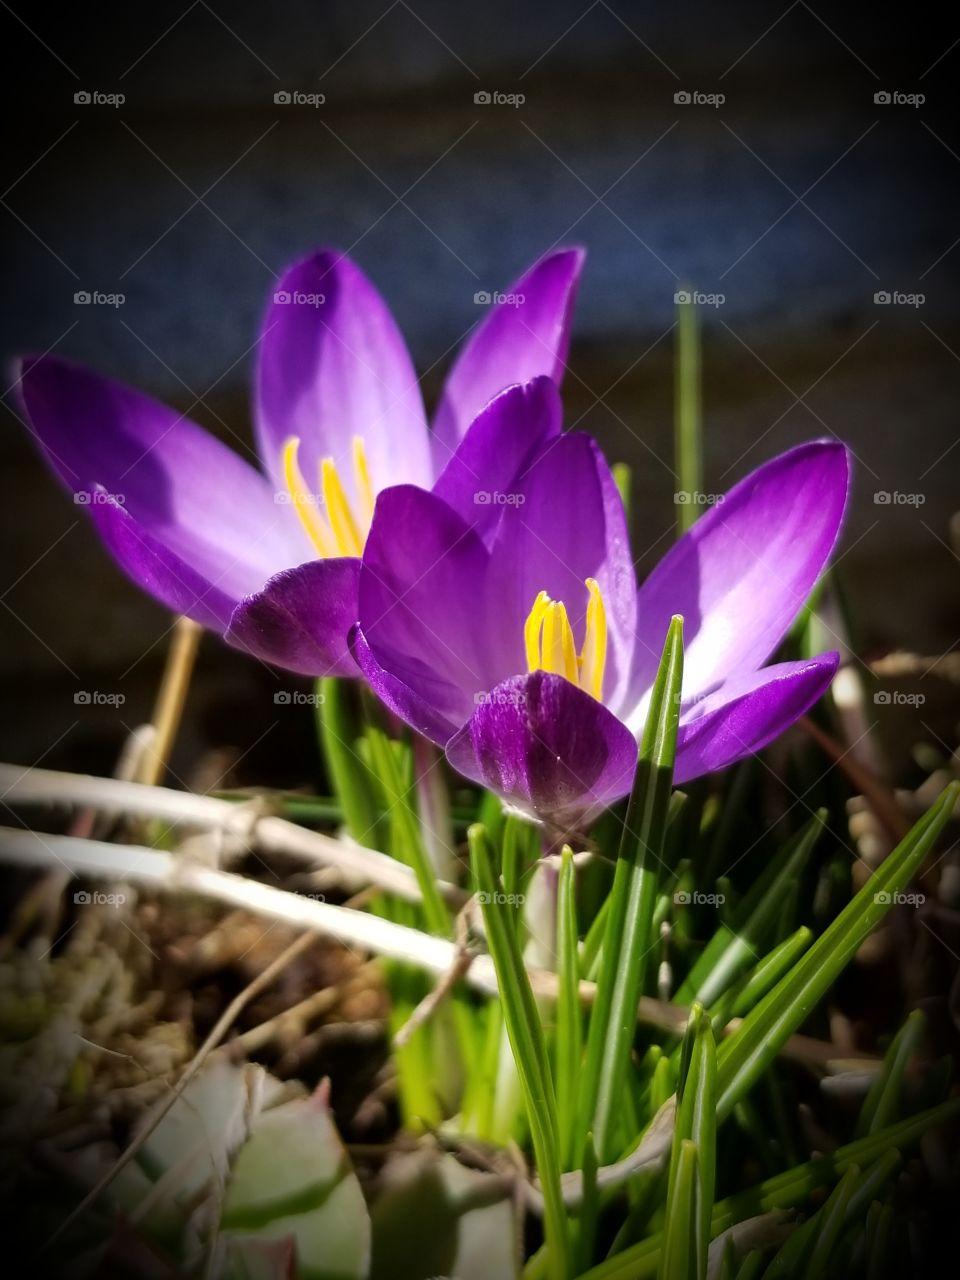 Spring Crocus blooming